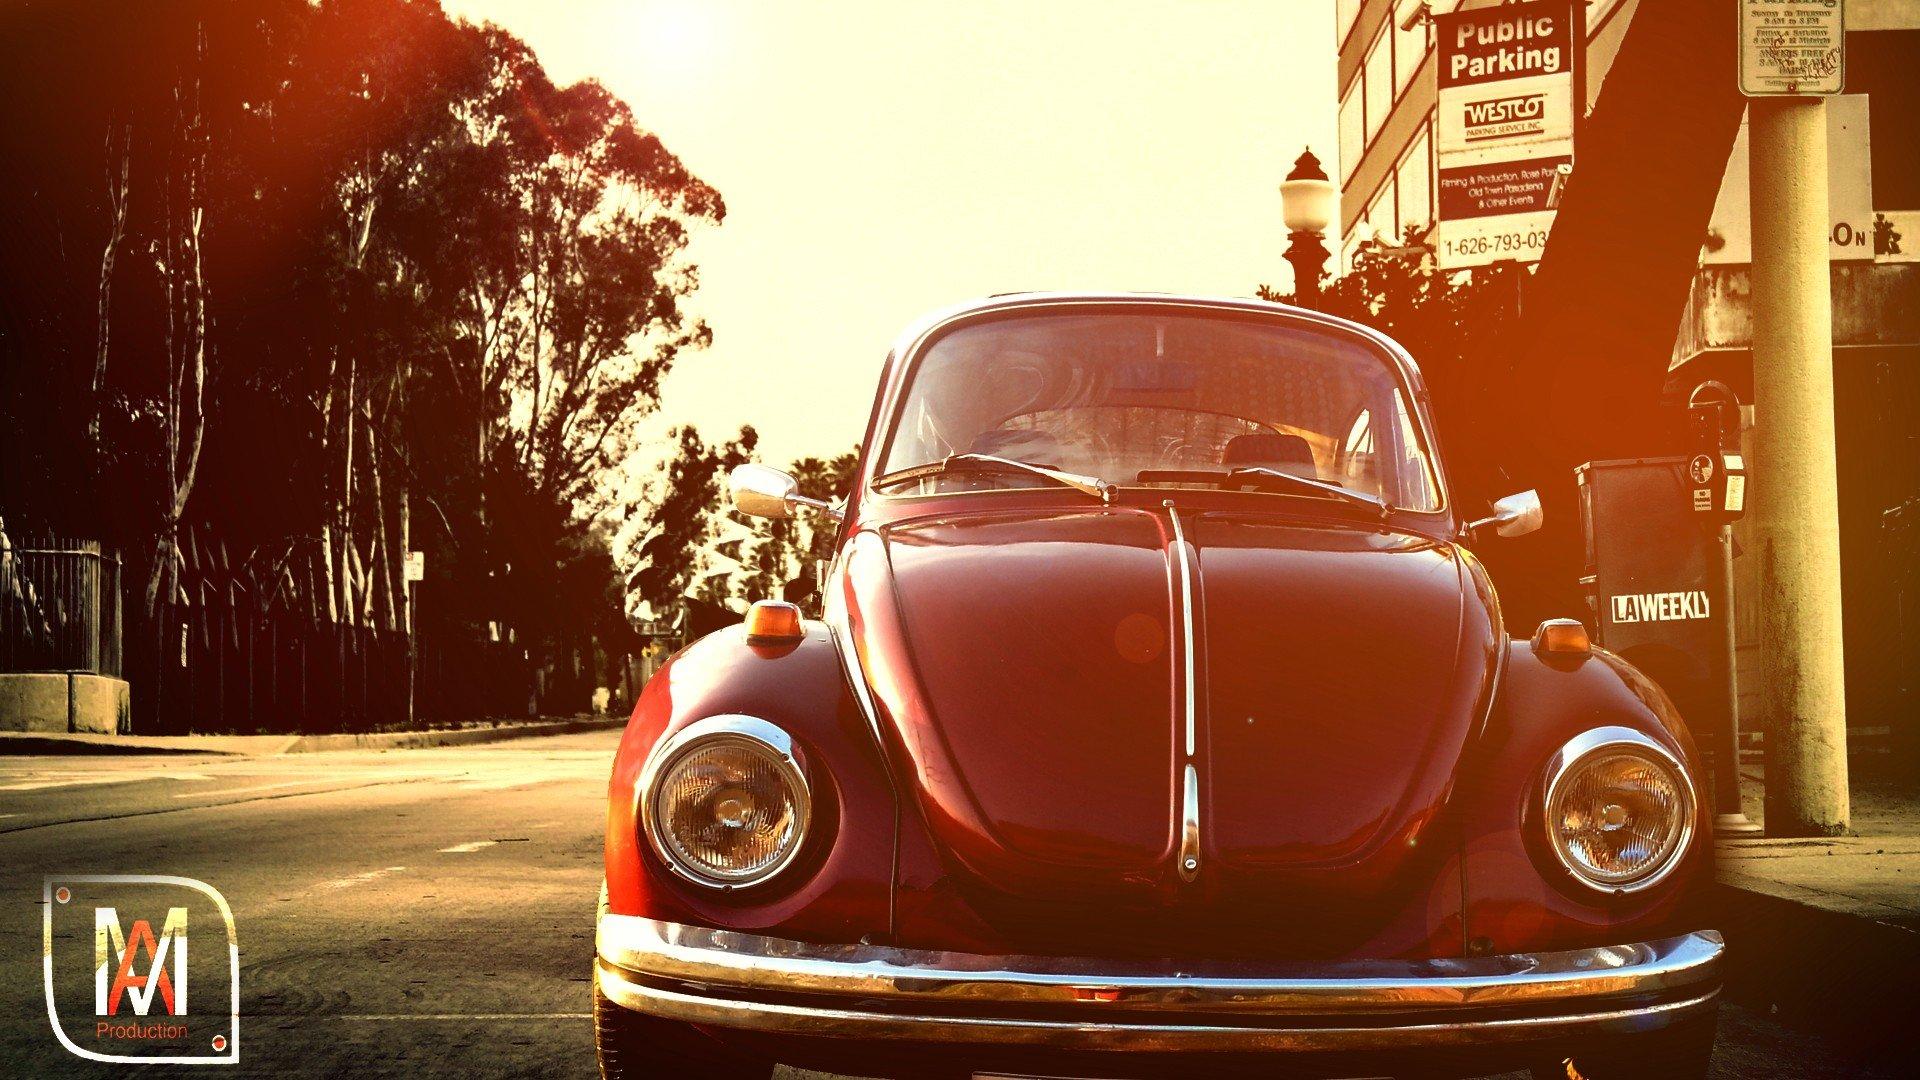 VW Beetle volkswagen vw 1303s wallpaper | 1920x1080 ...